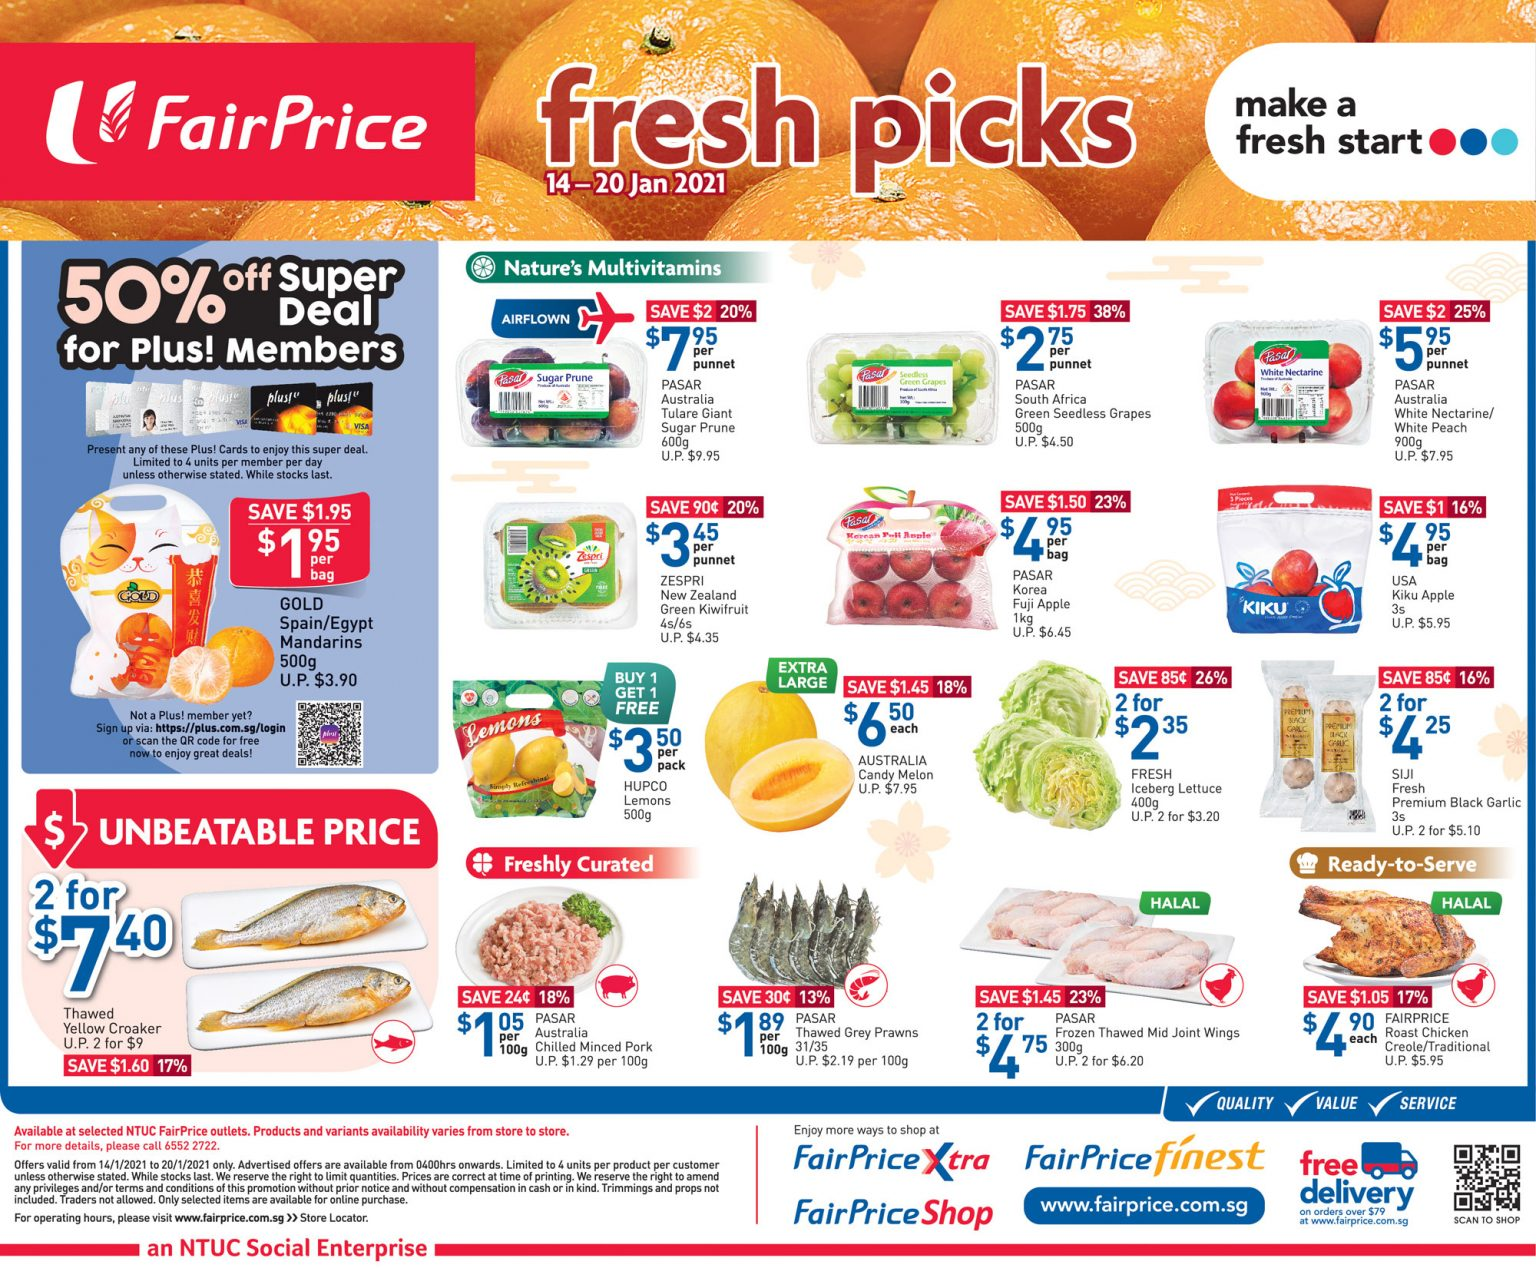 FairPrice's fresh picks till 20 January 2021